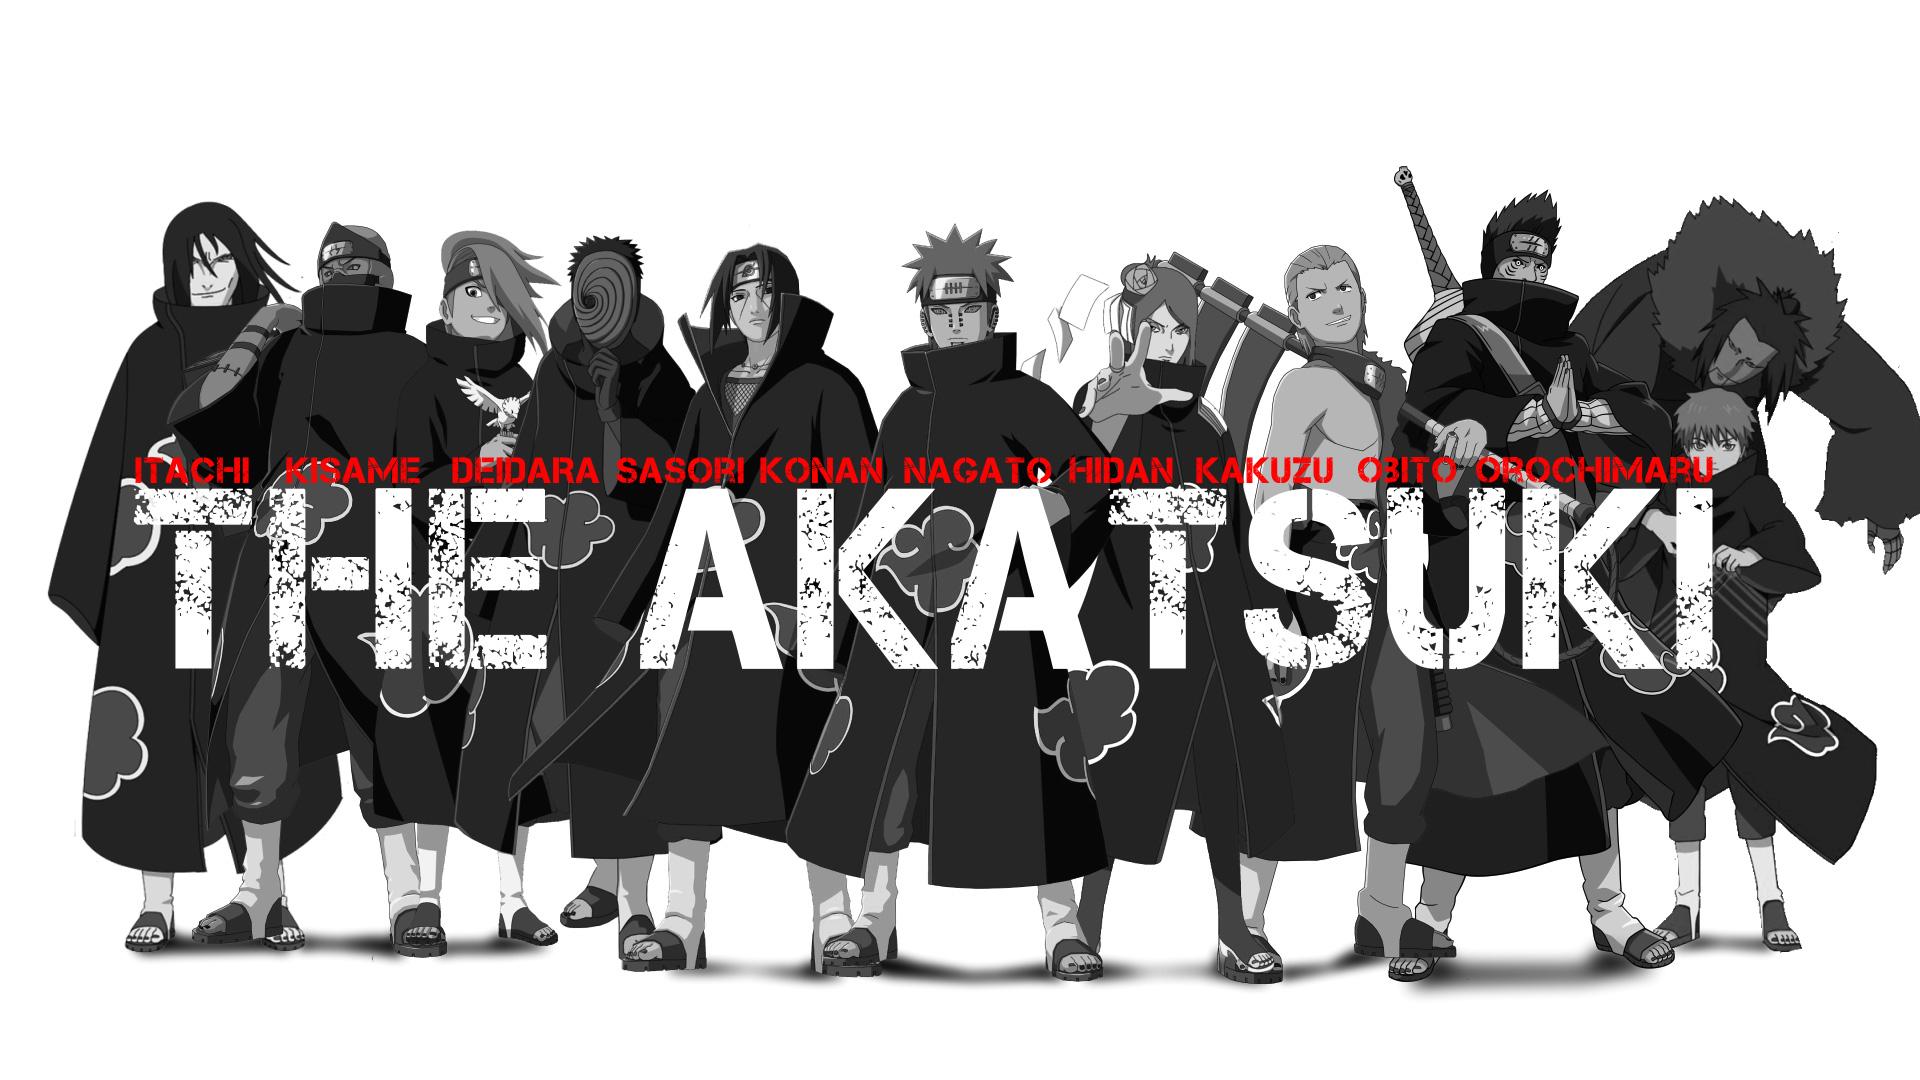 download gambar Akatsuki naruto